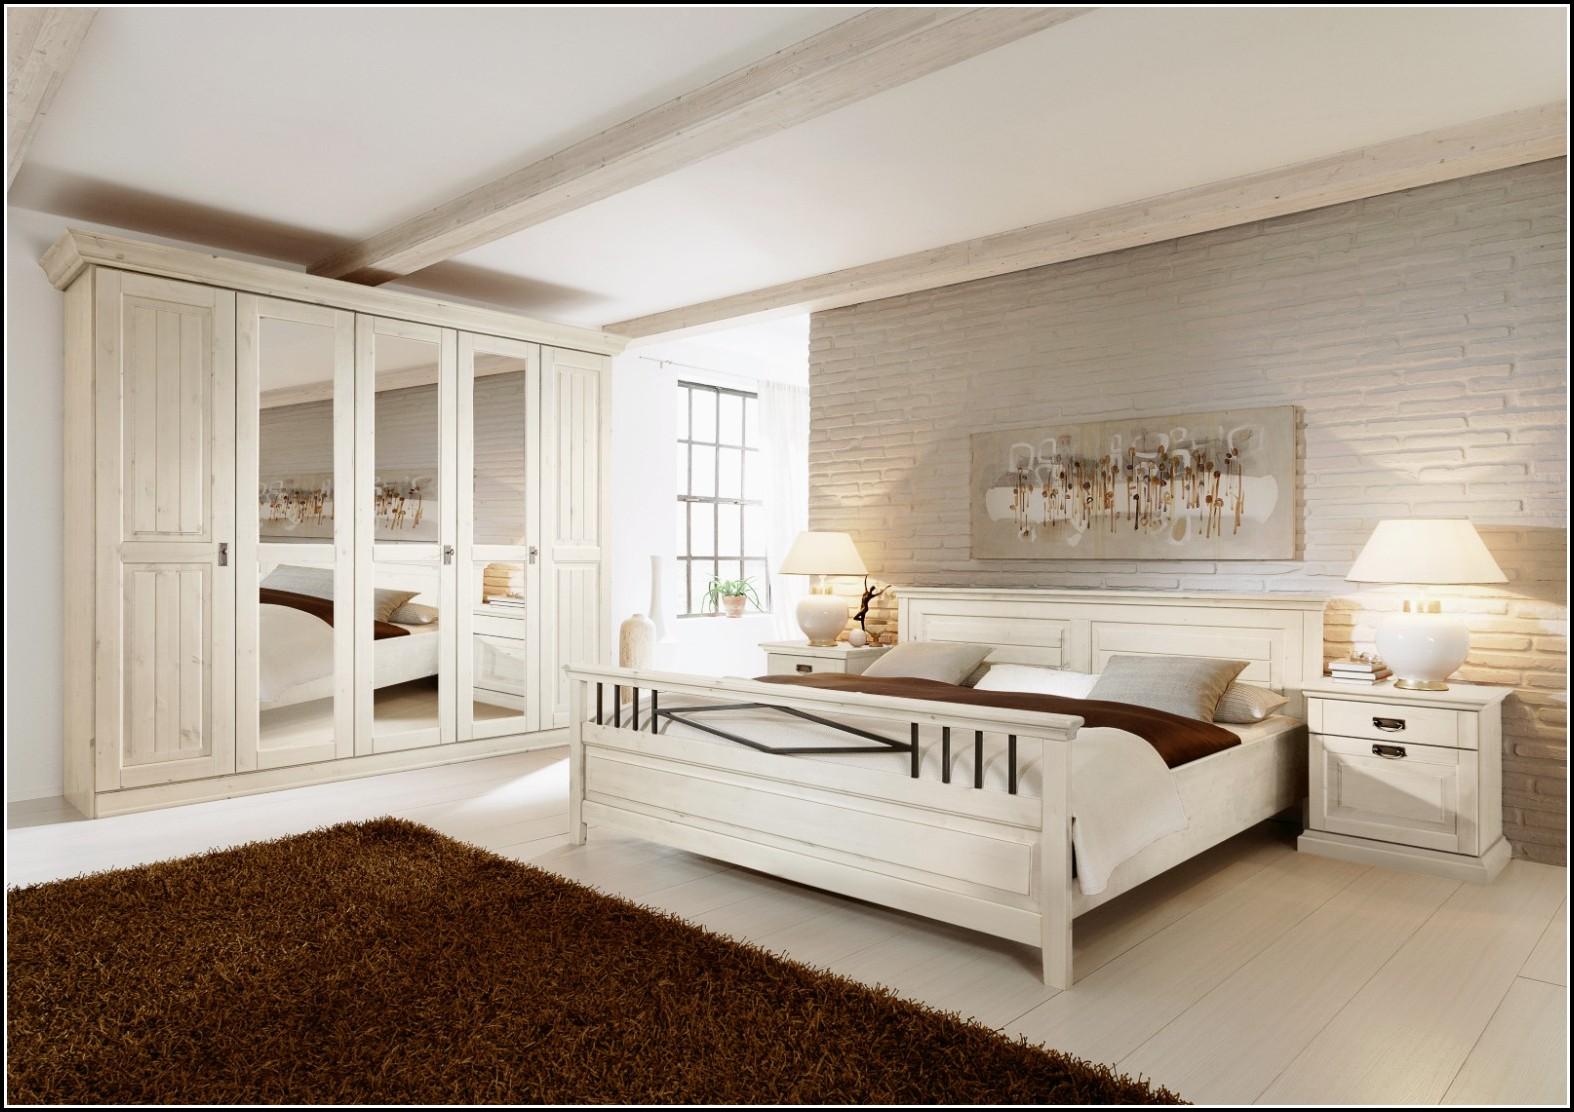 landhaus schlafzimmer wei gebraucht schlafzimmer house und dekor galerie wjvwbog1jz. Black Bedroom Furniture Sets. Home Design Ideas